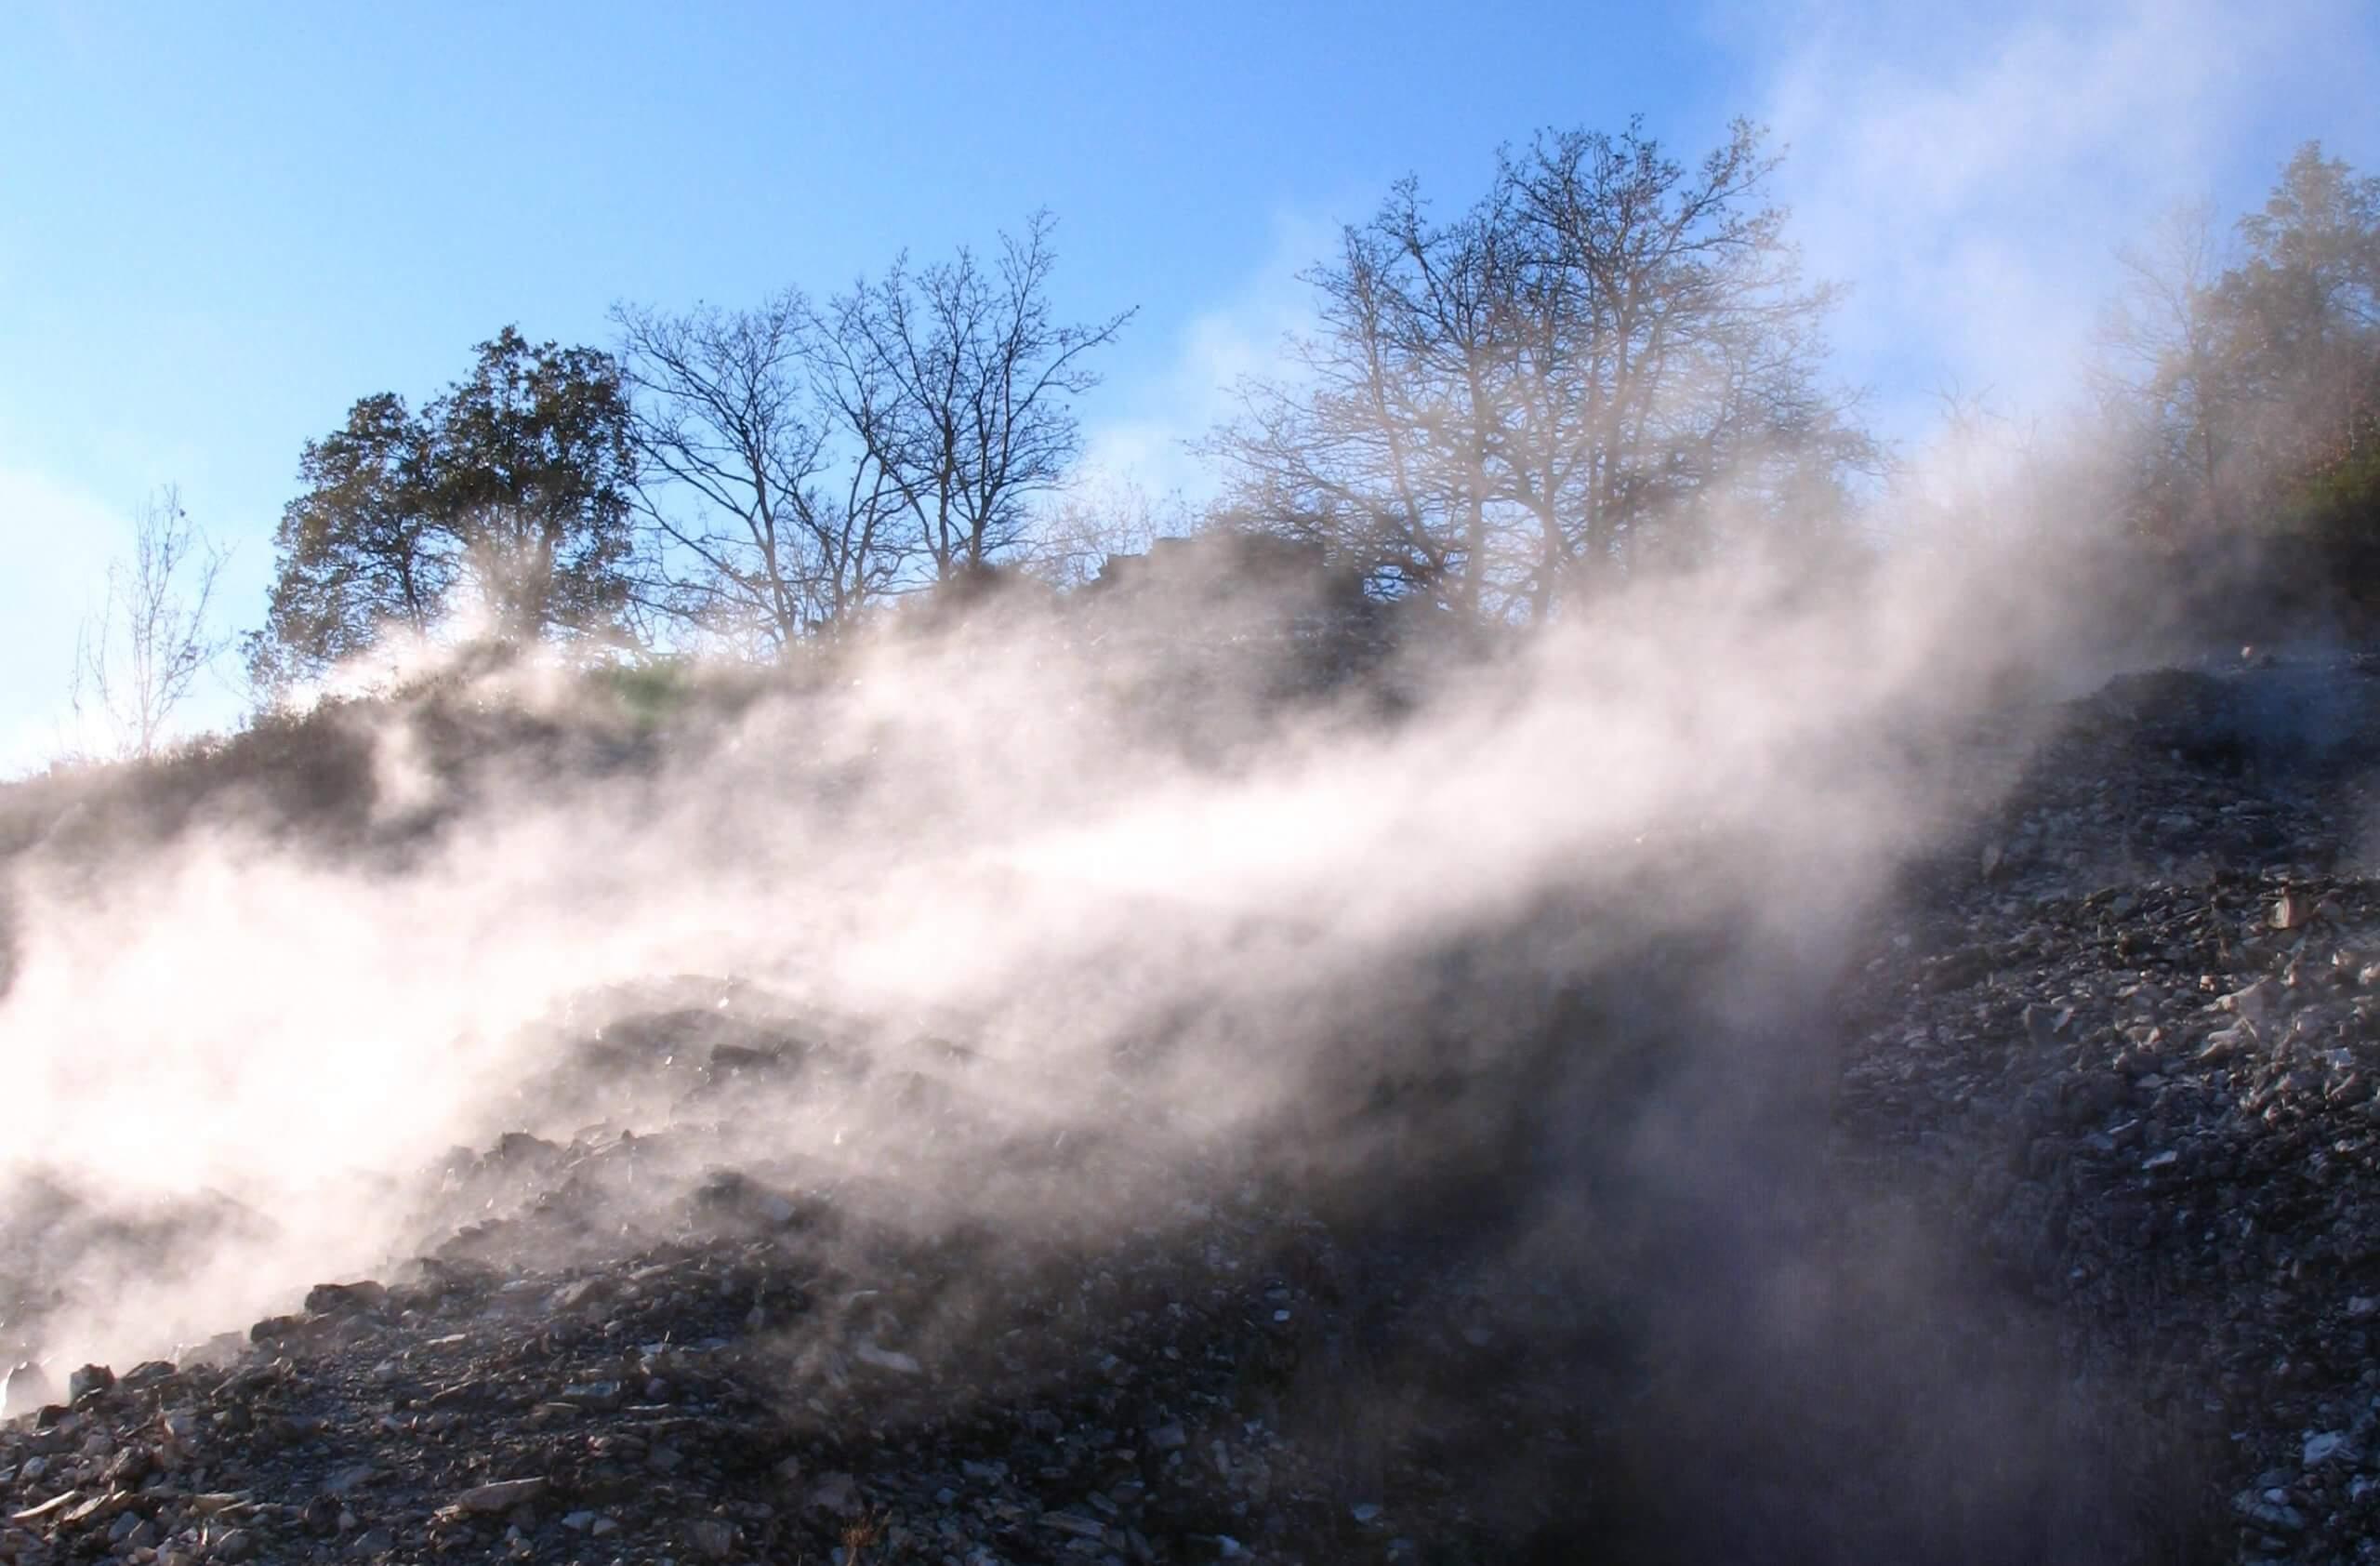 outdoor-geotermia-fumarole-valdicecina